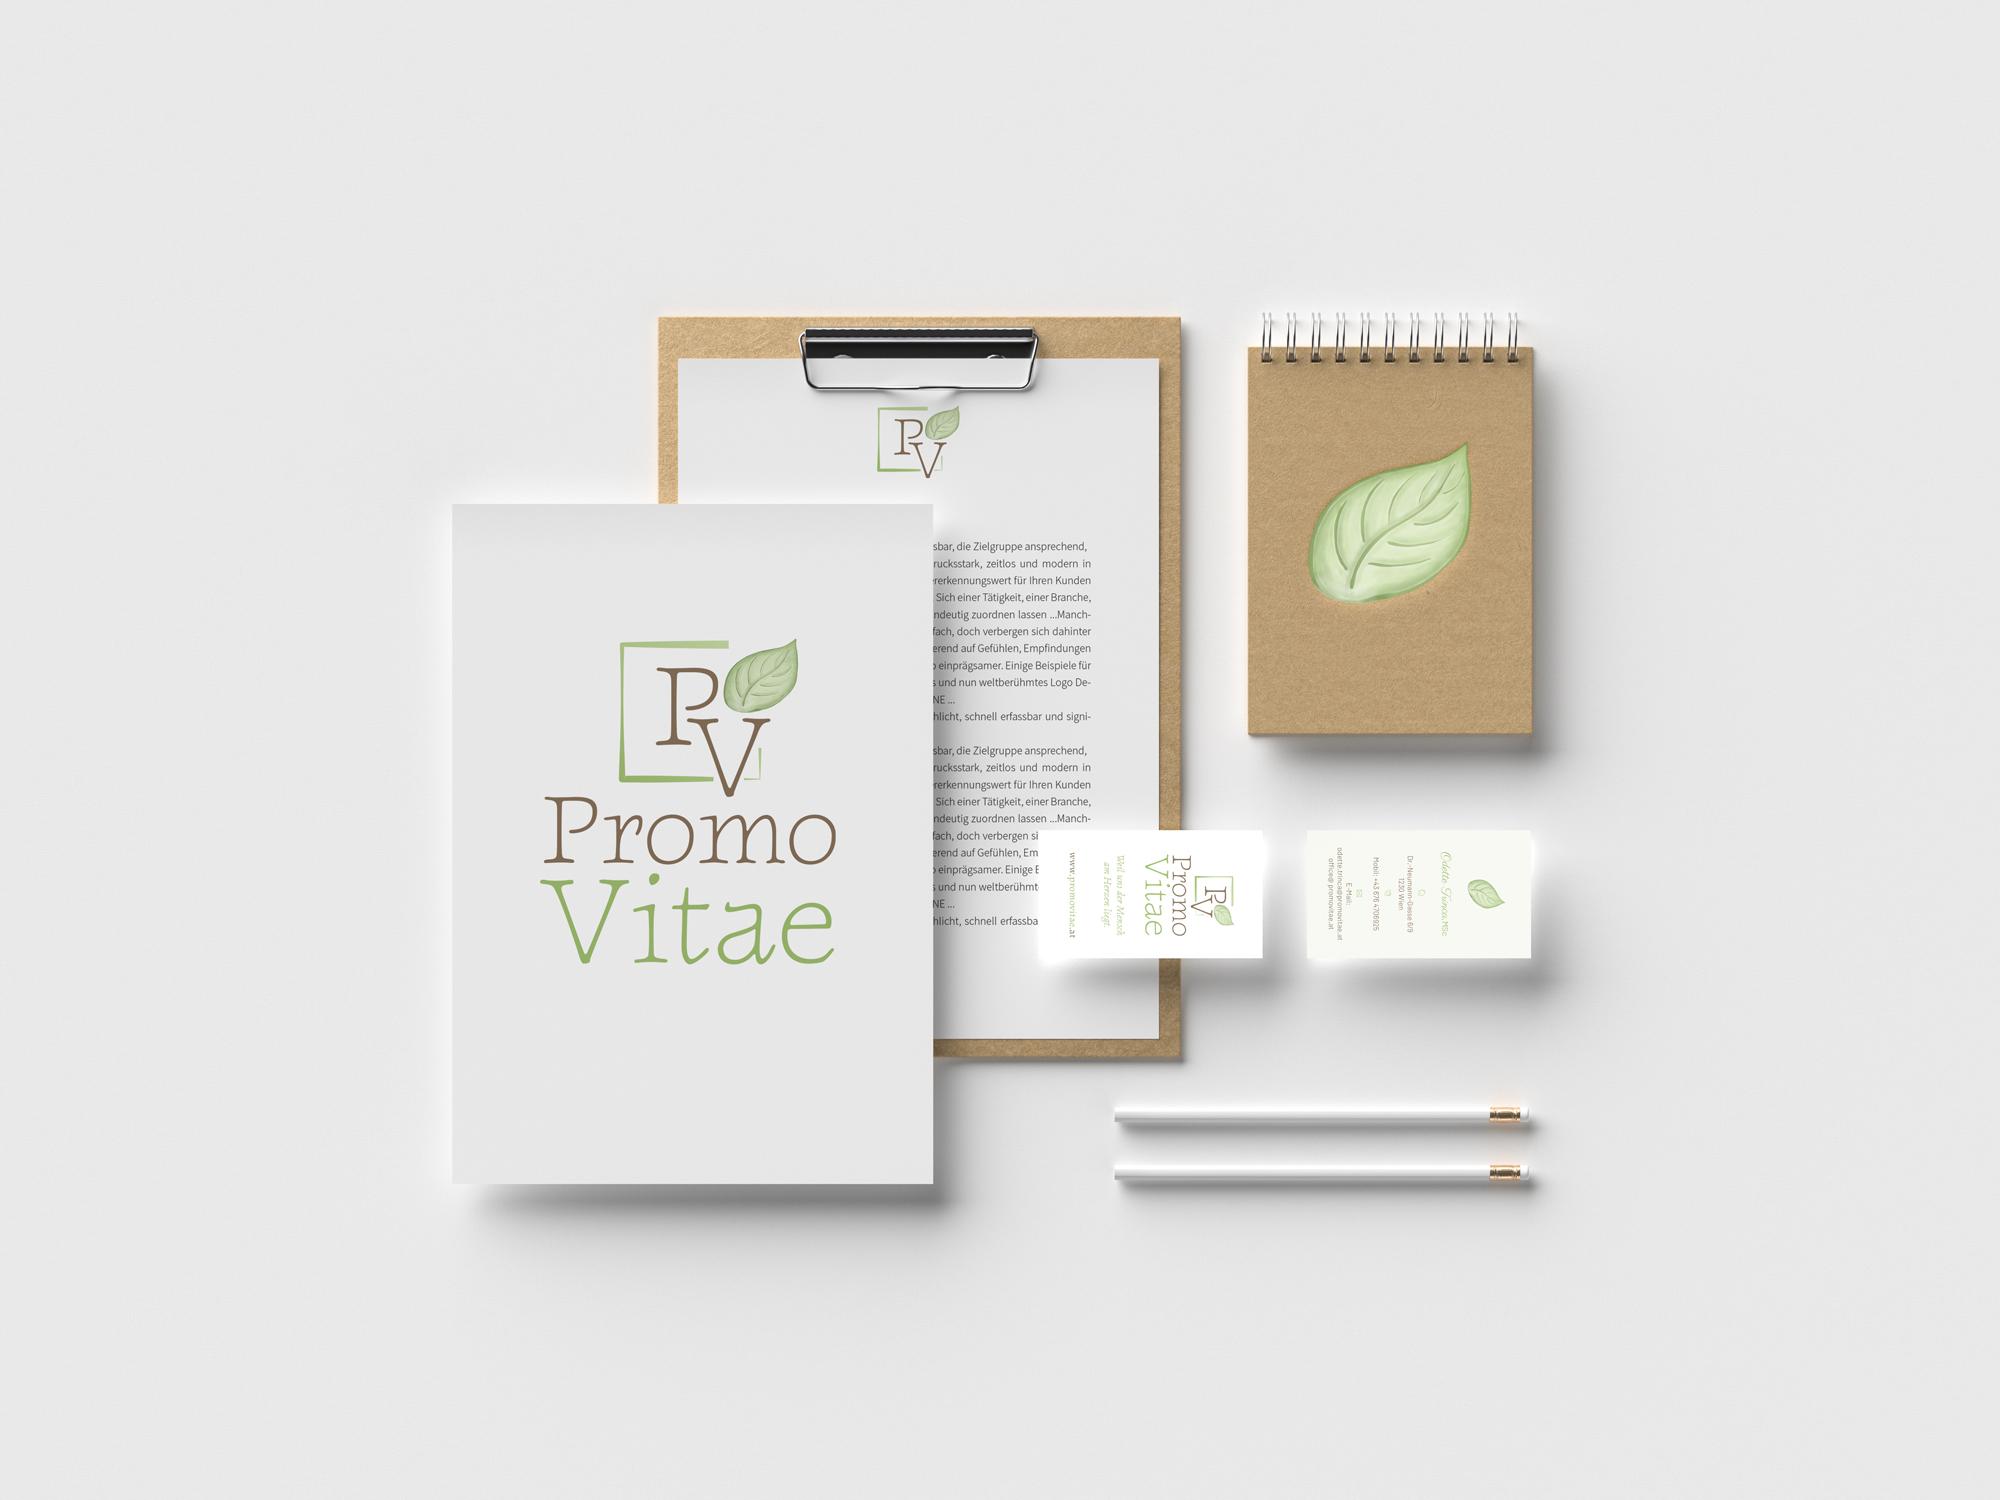 sternloscreative | Logo Design | Geschäftsdrucksorten | Promovitae